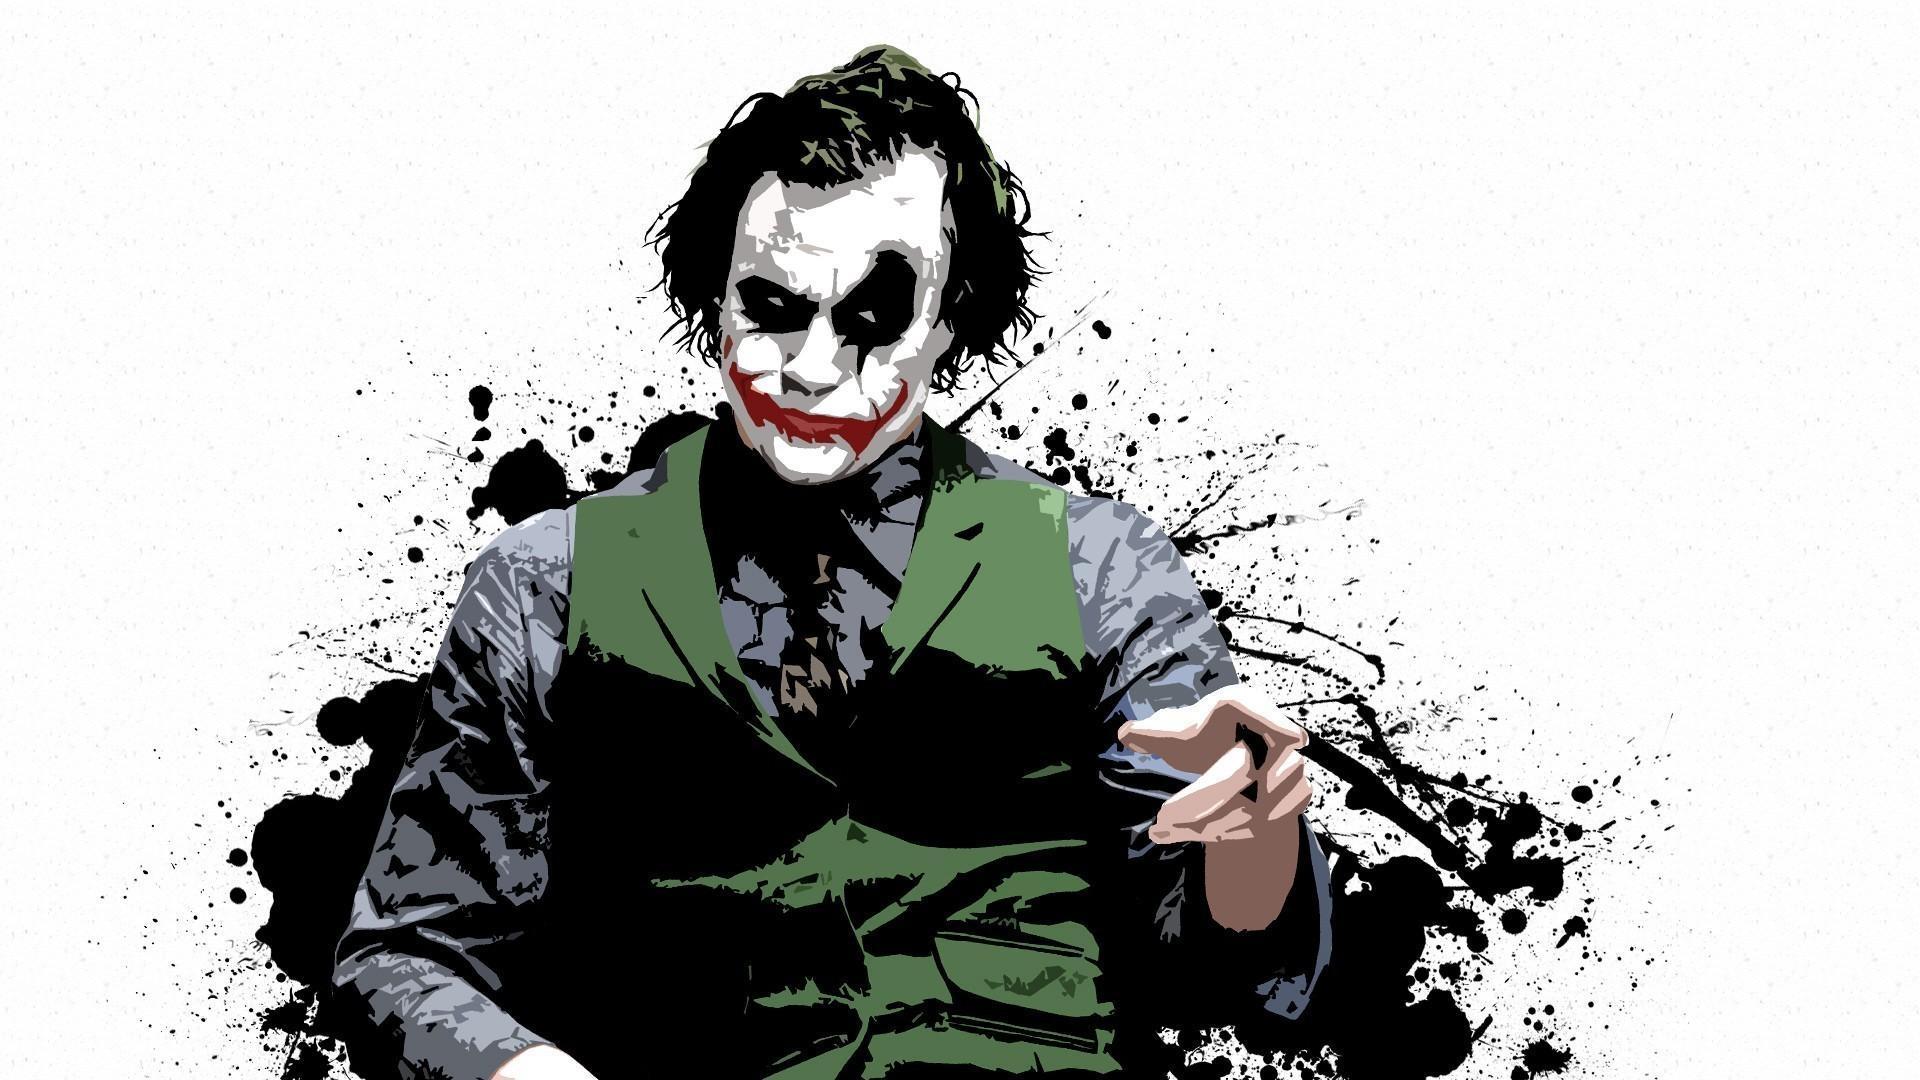 Joker Wallpapers Free Joker Wallpapers Backgrounds On Hd Uk